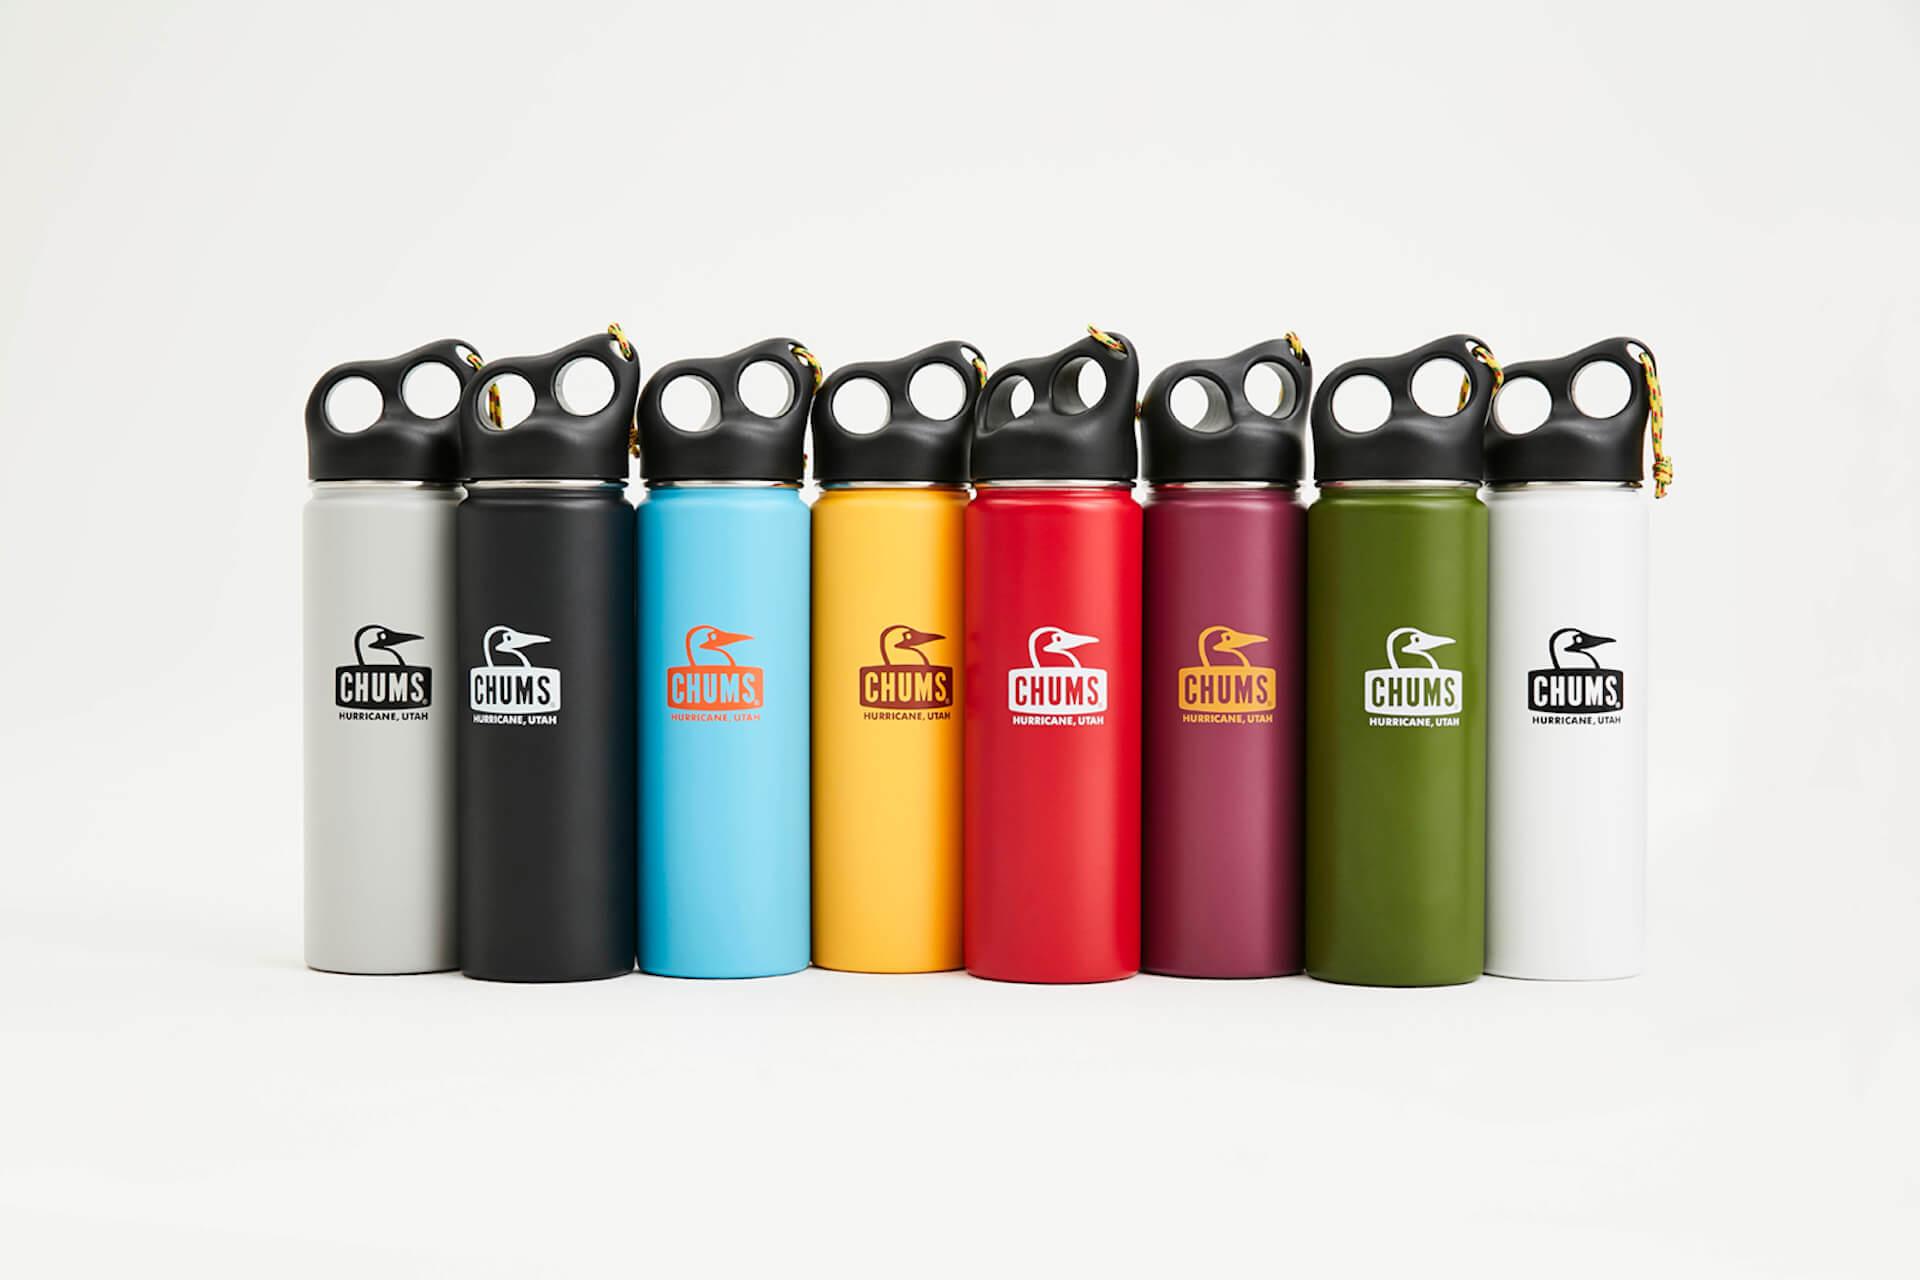 チャムスから環境に優しいカラフルでポップな3サイズ全8色のステンレスボトルが登場 camperstainlessbottle650